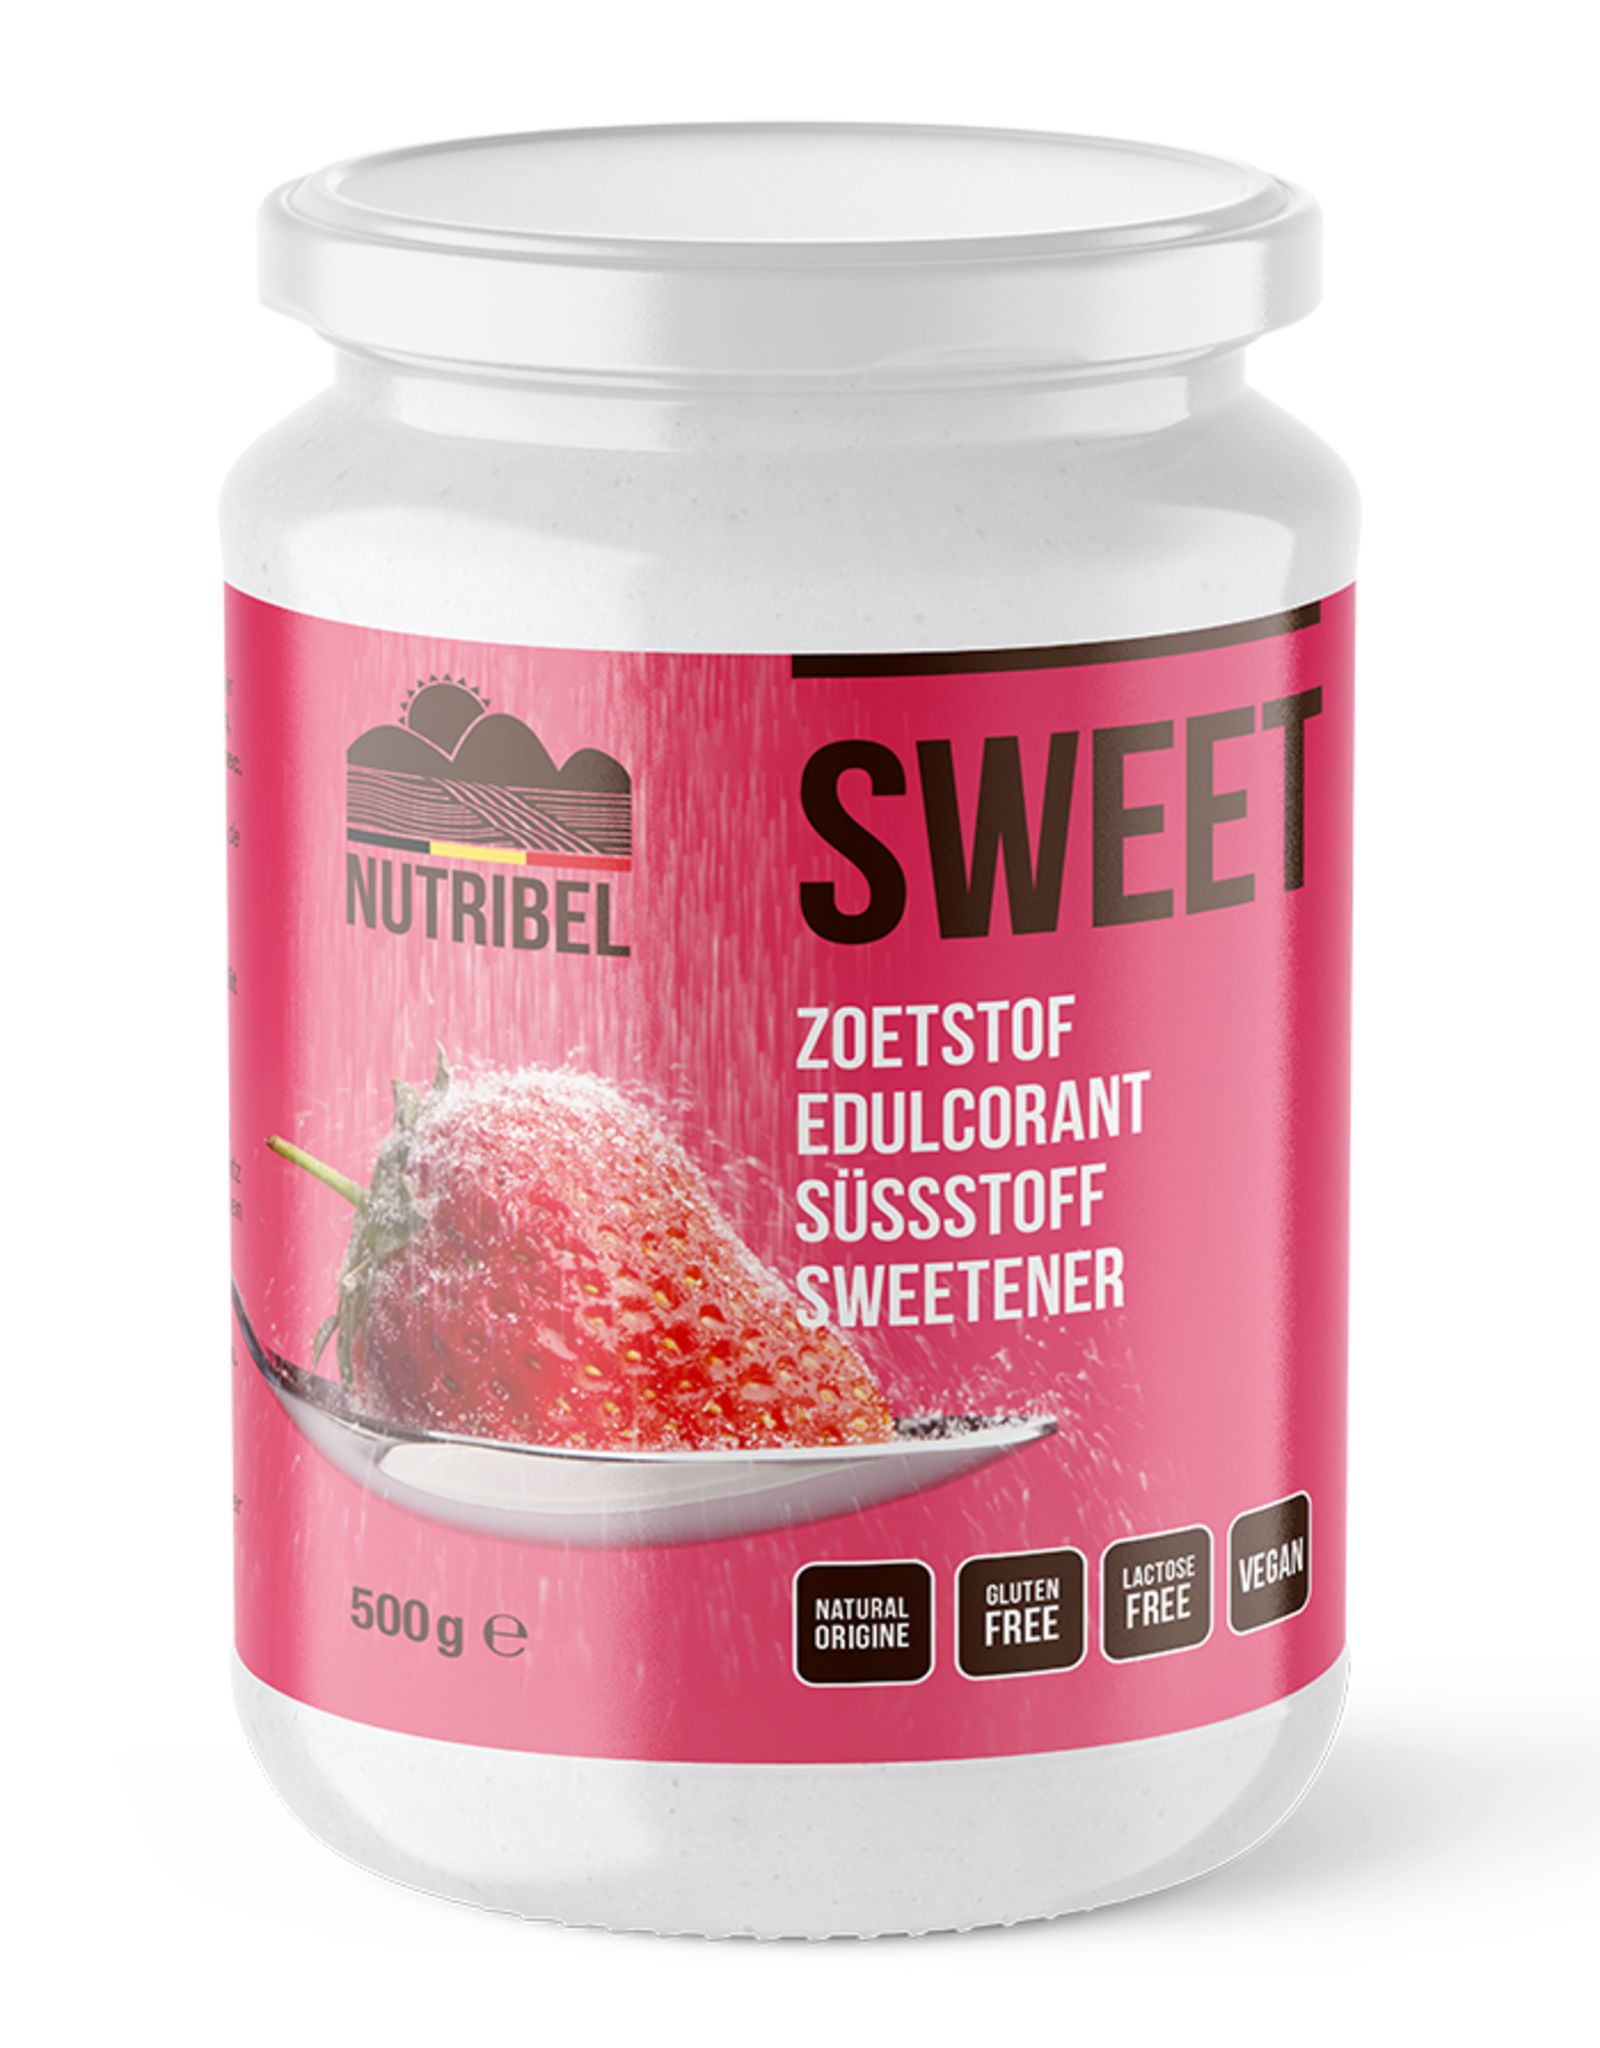 Nutridia Sweet zoetstof 500g